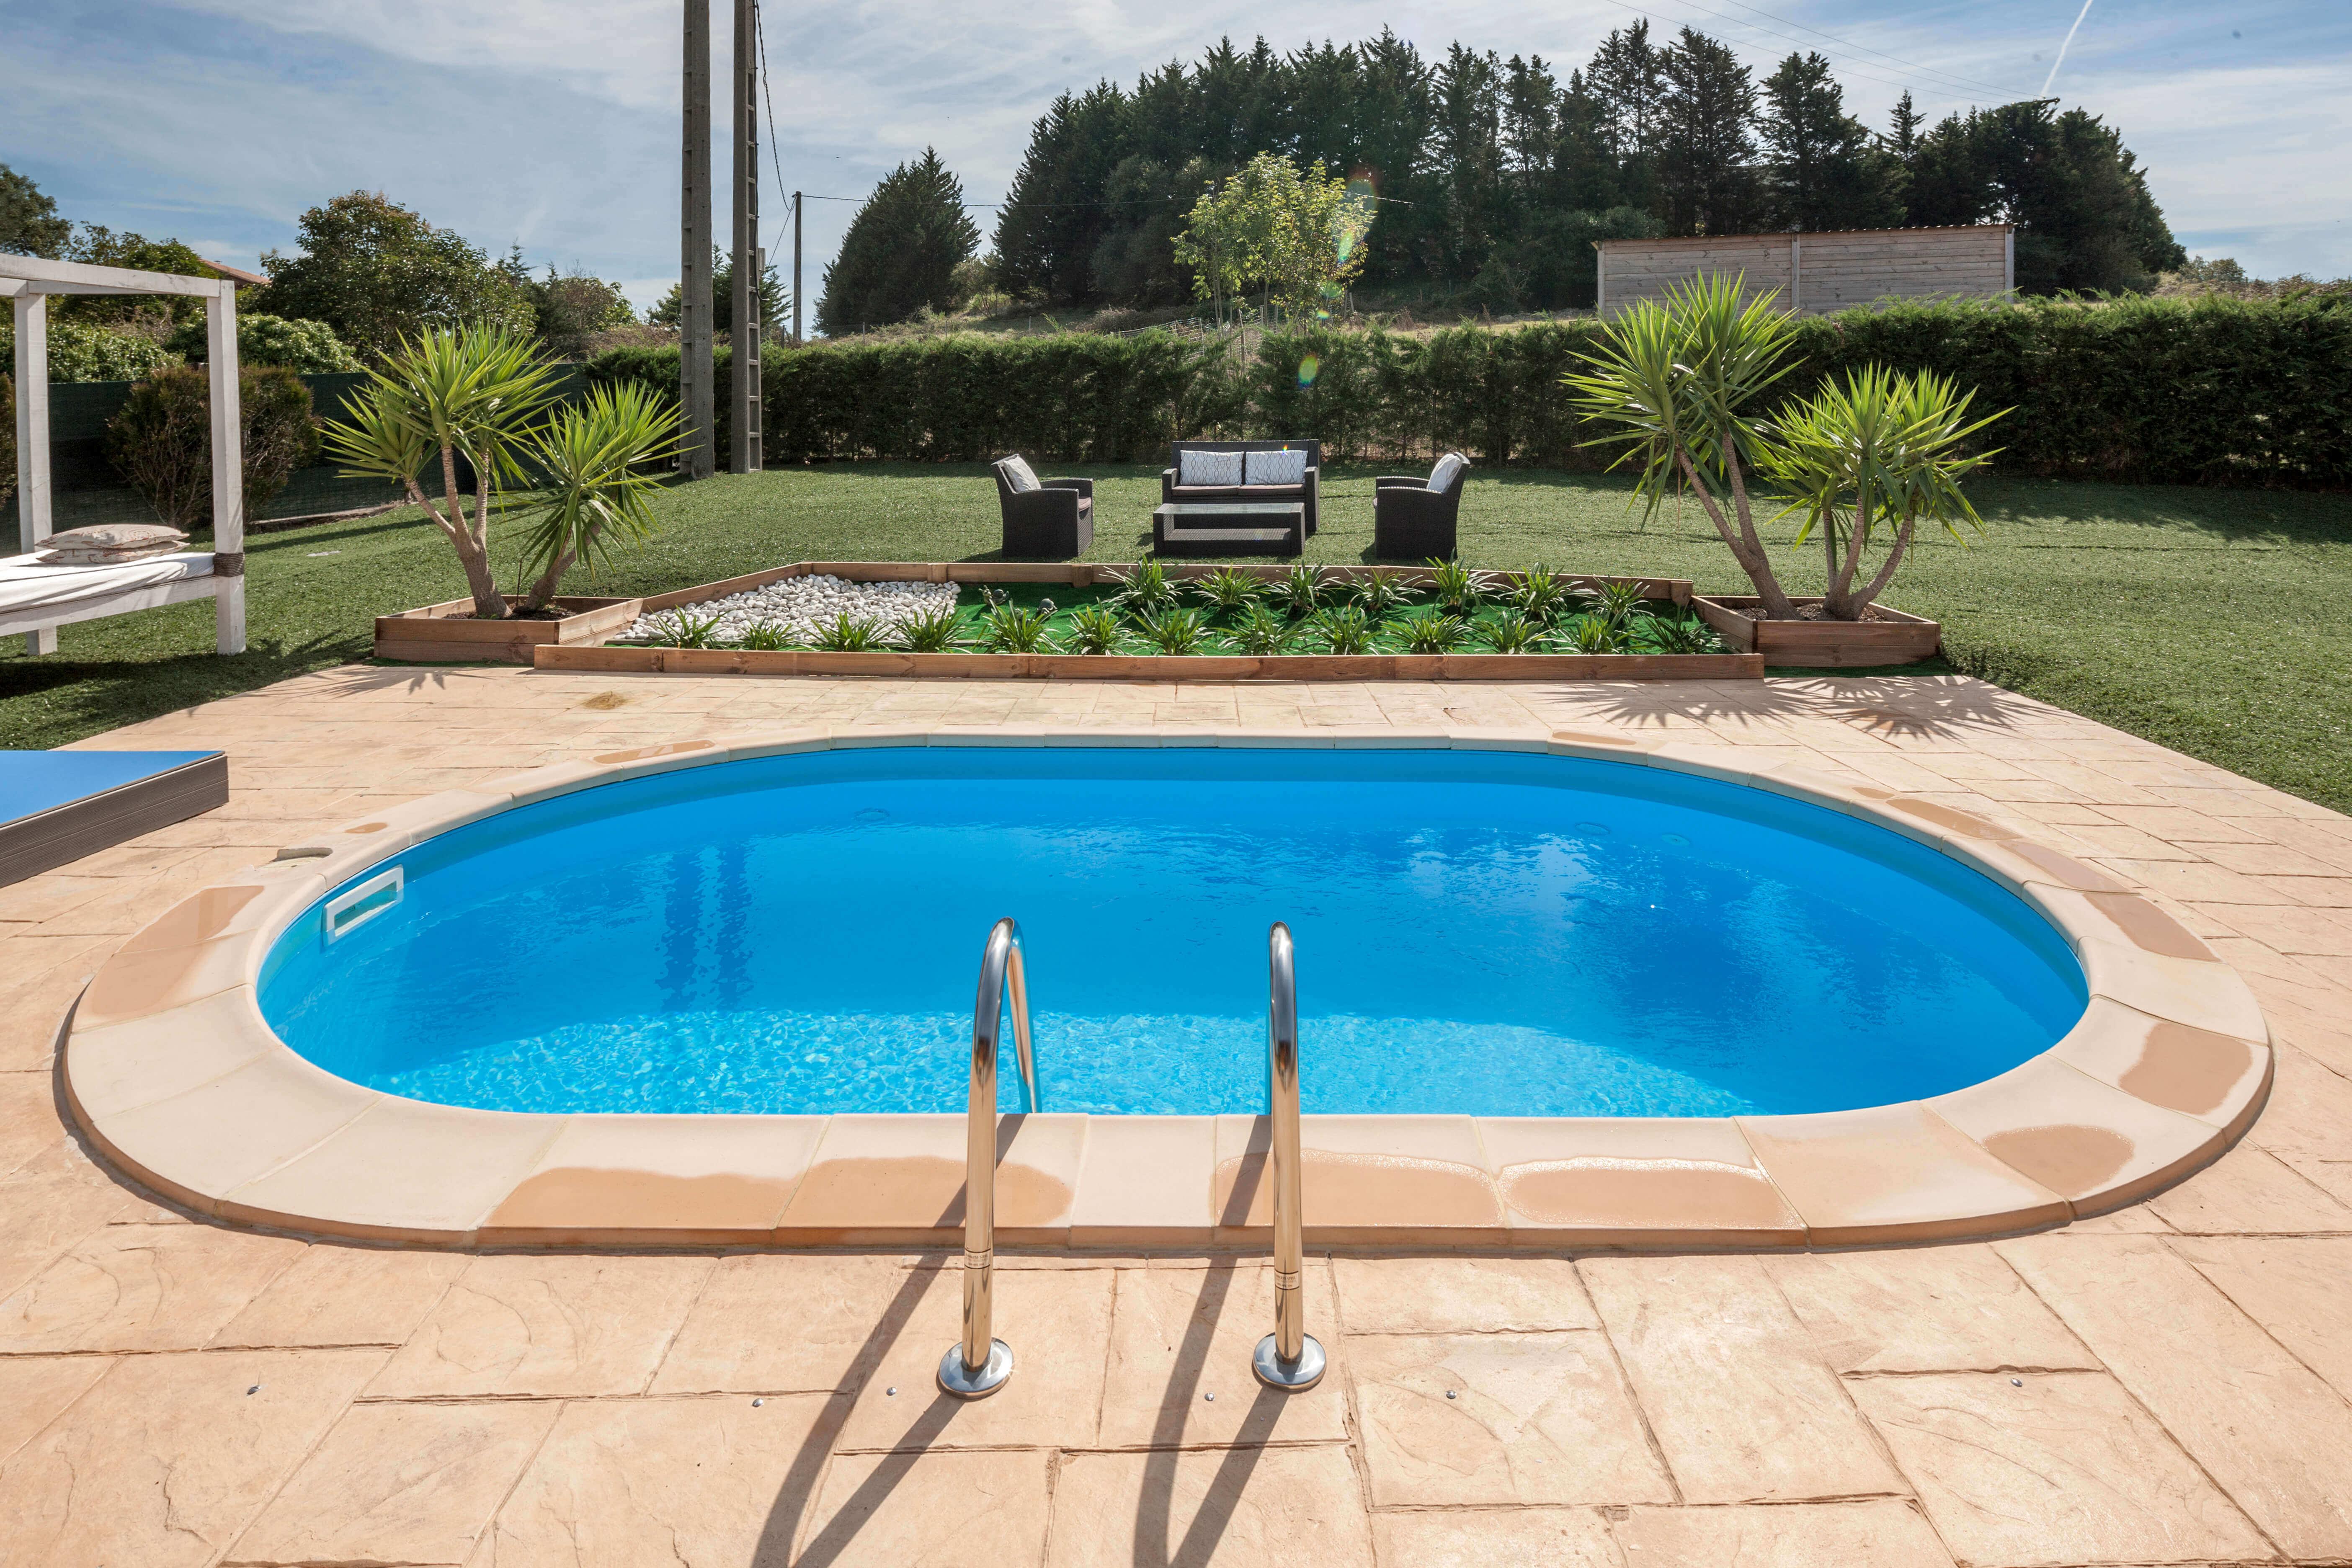 Mettre Piscine Sur Terrain En Pente piscine enterrée 500 x 300 x h150 cm - madagascar